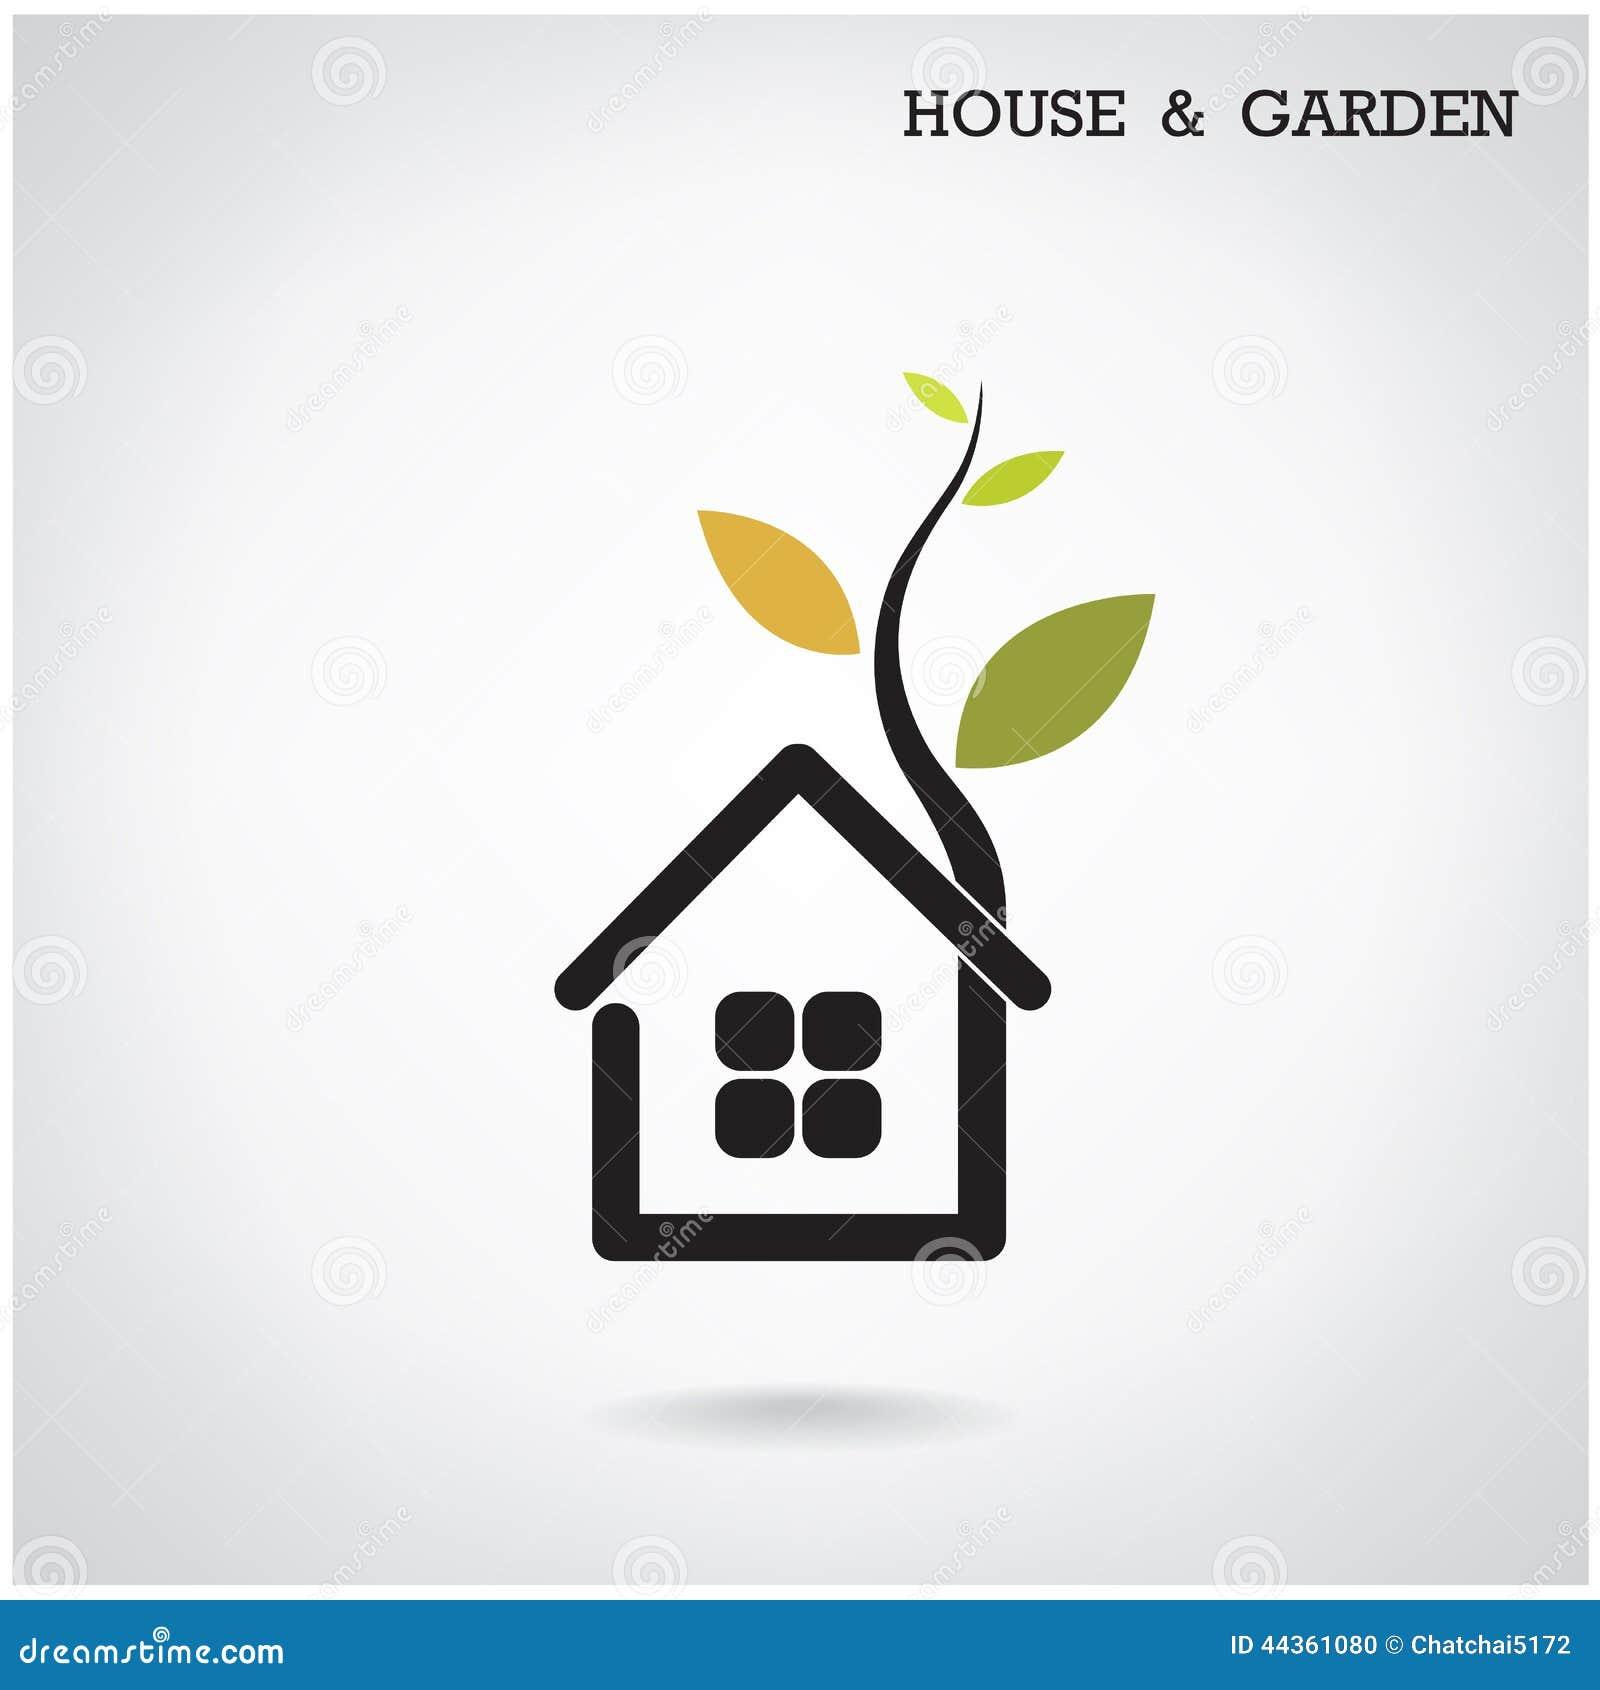 Green Energy Home Concept House And Garden Symbol Vector